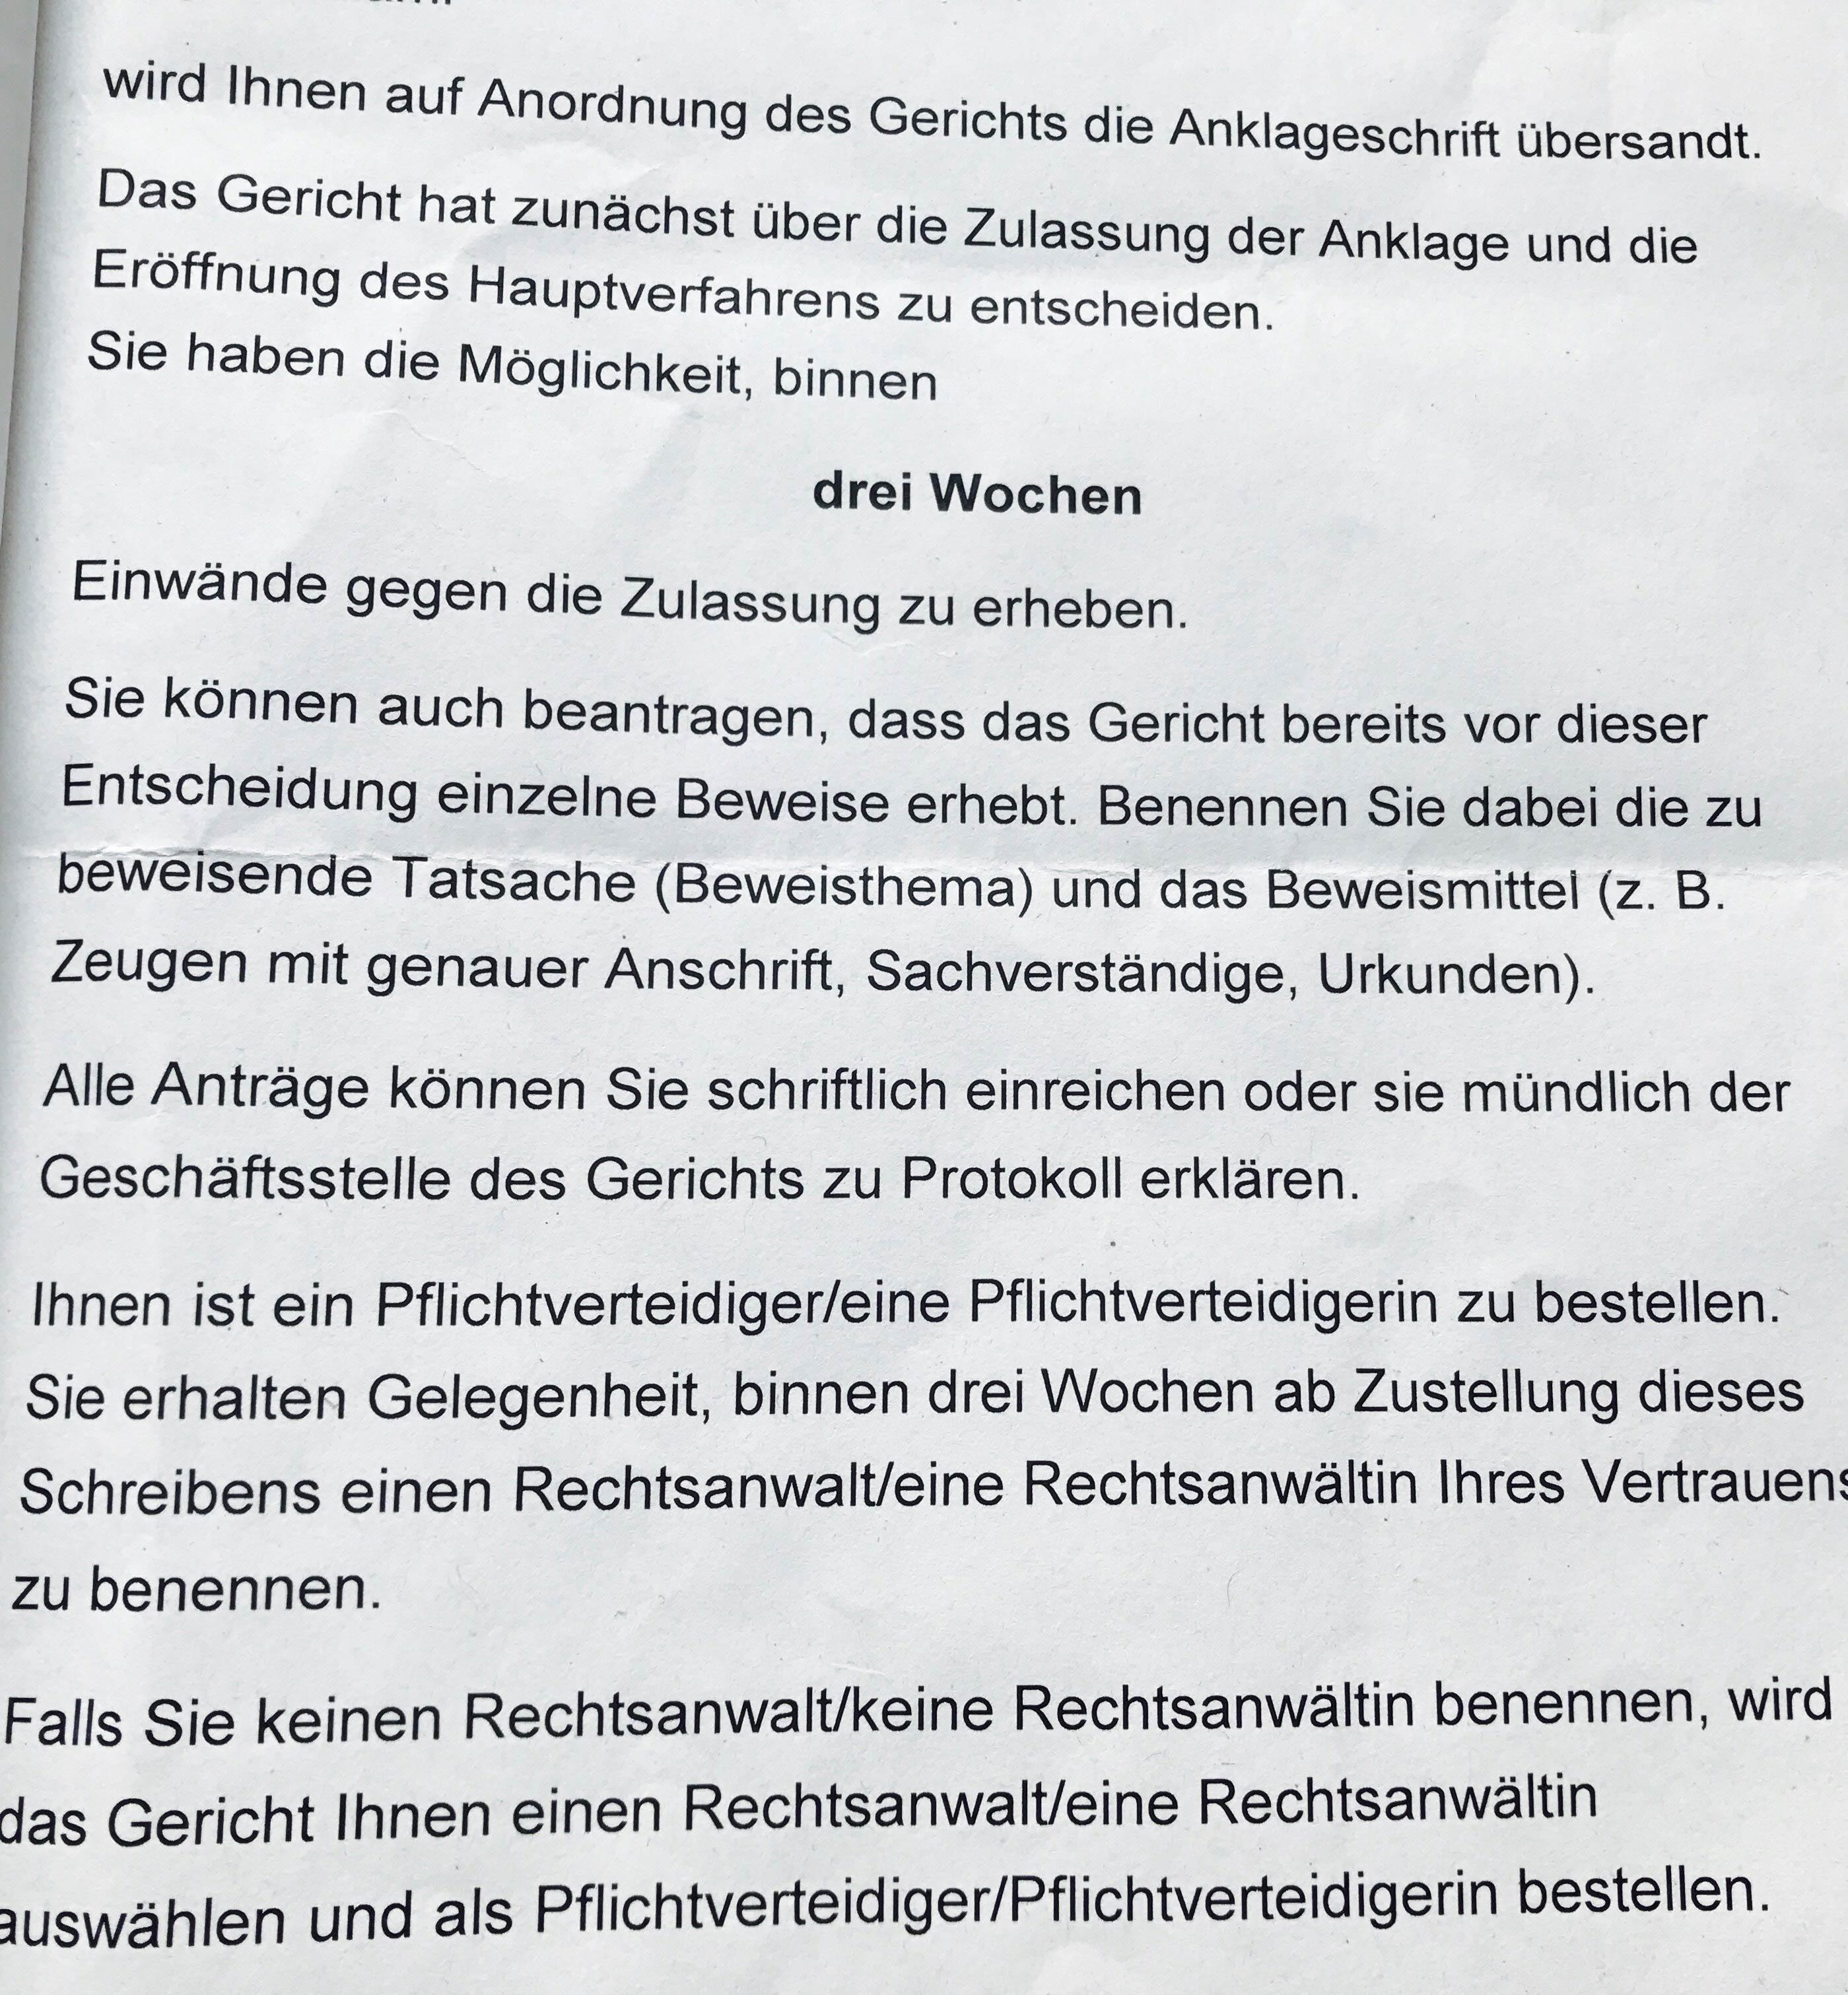 Kanzlei Louis & Michaelis Rechtsanwälte und Strafverteidiger Anklageschrift erhalten